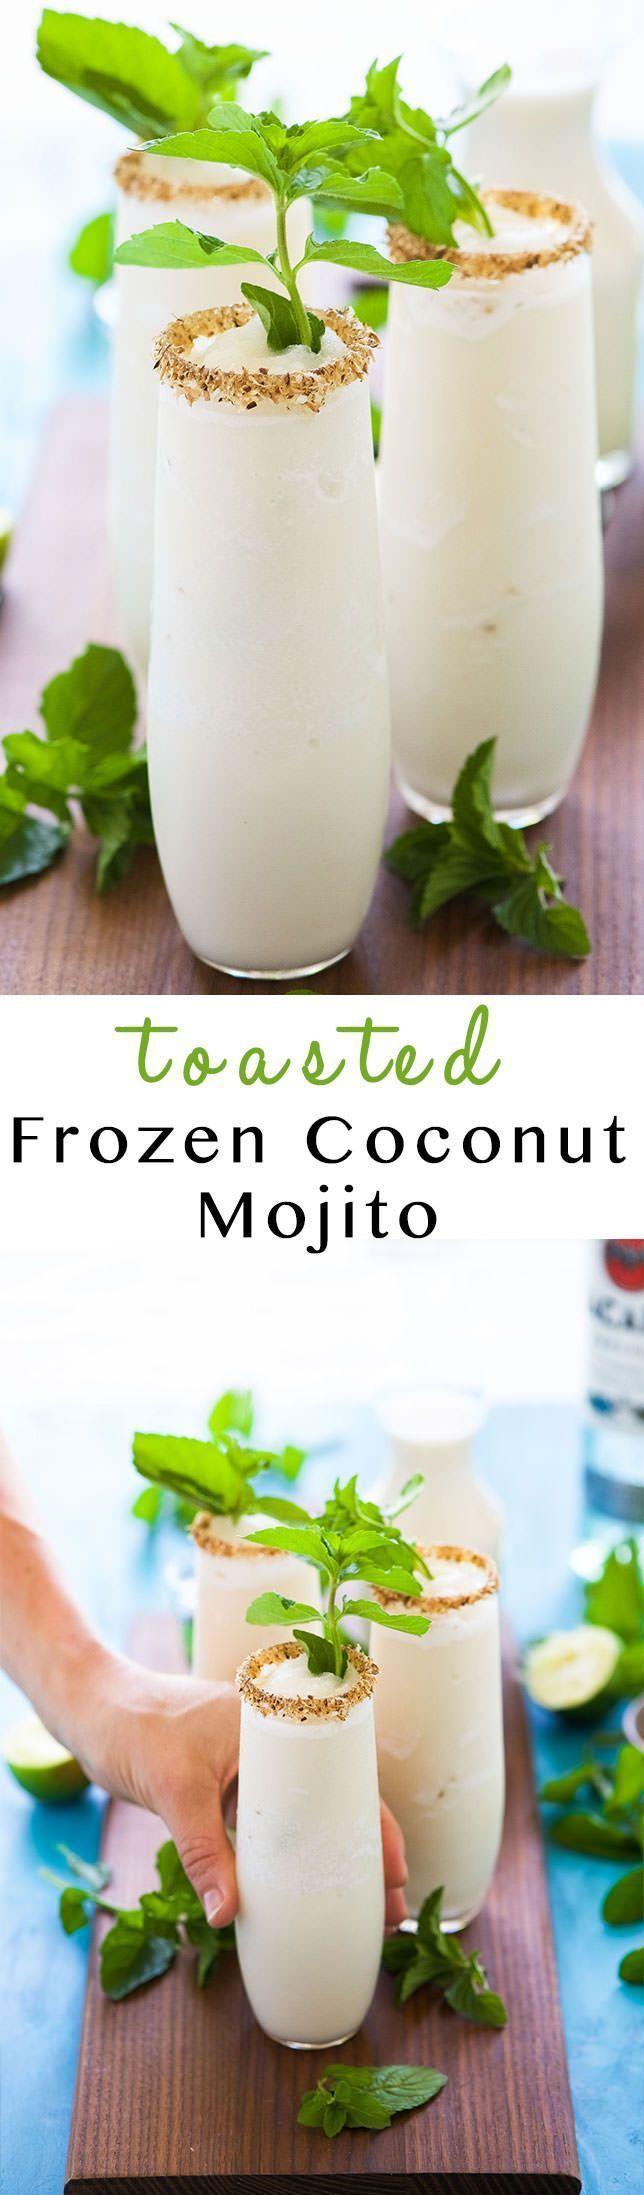 Toasted Frozen Coconut Mojito